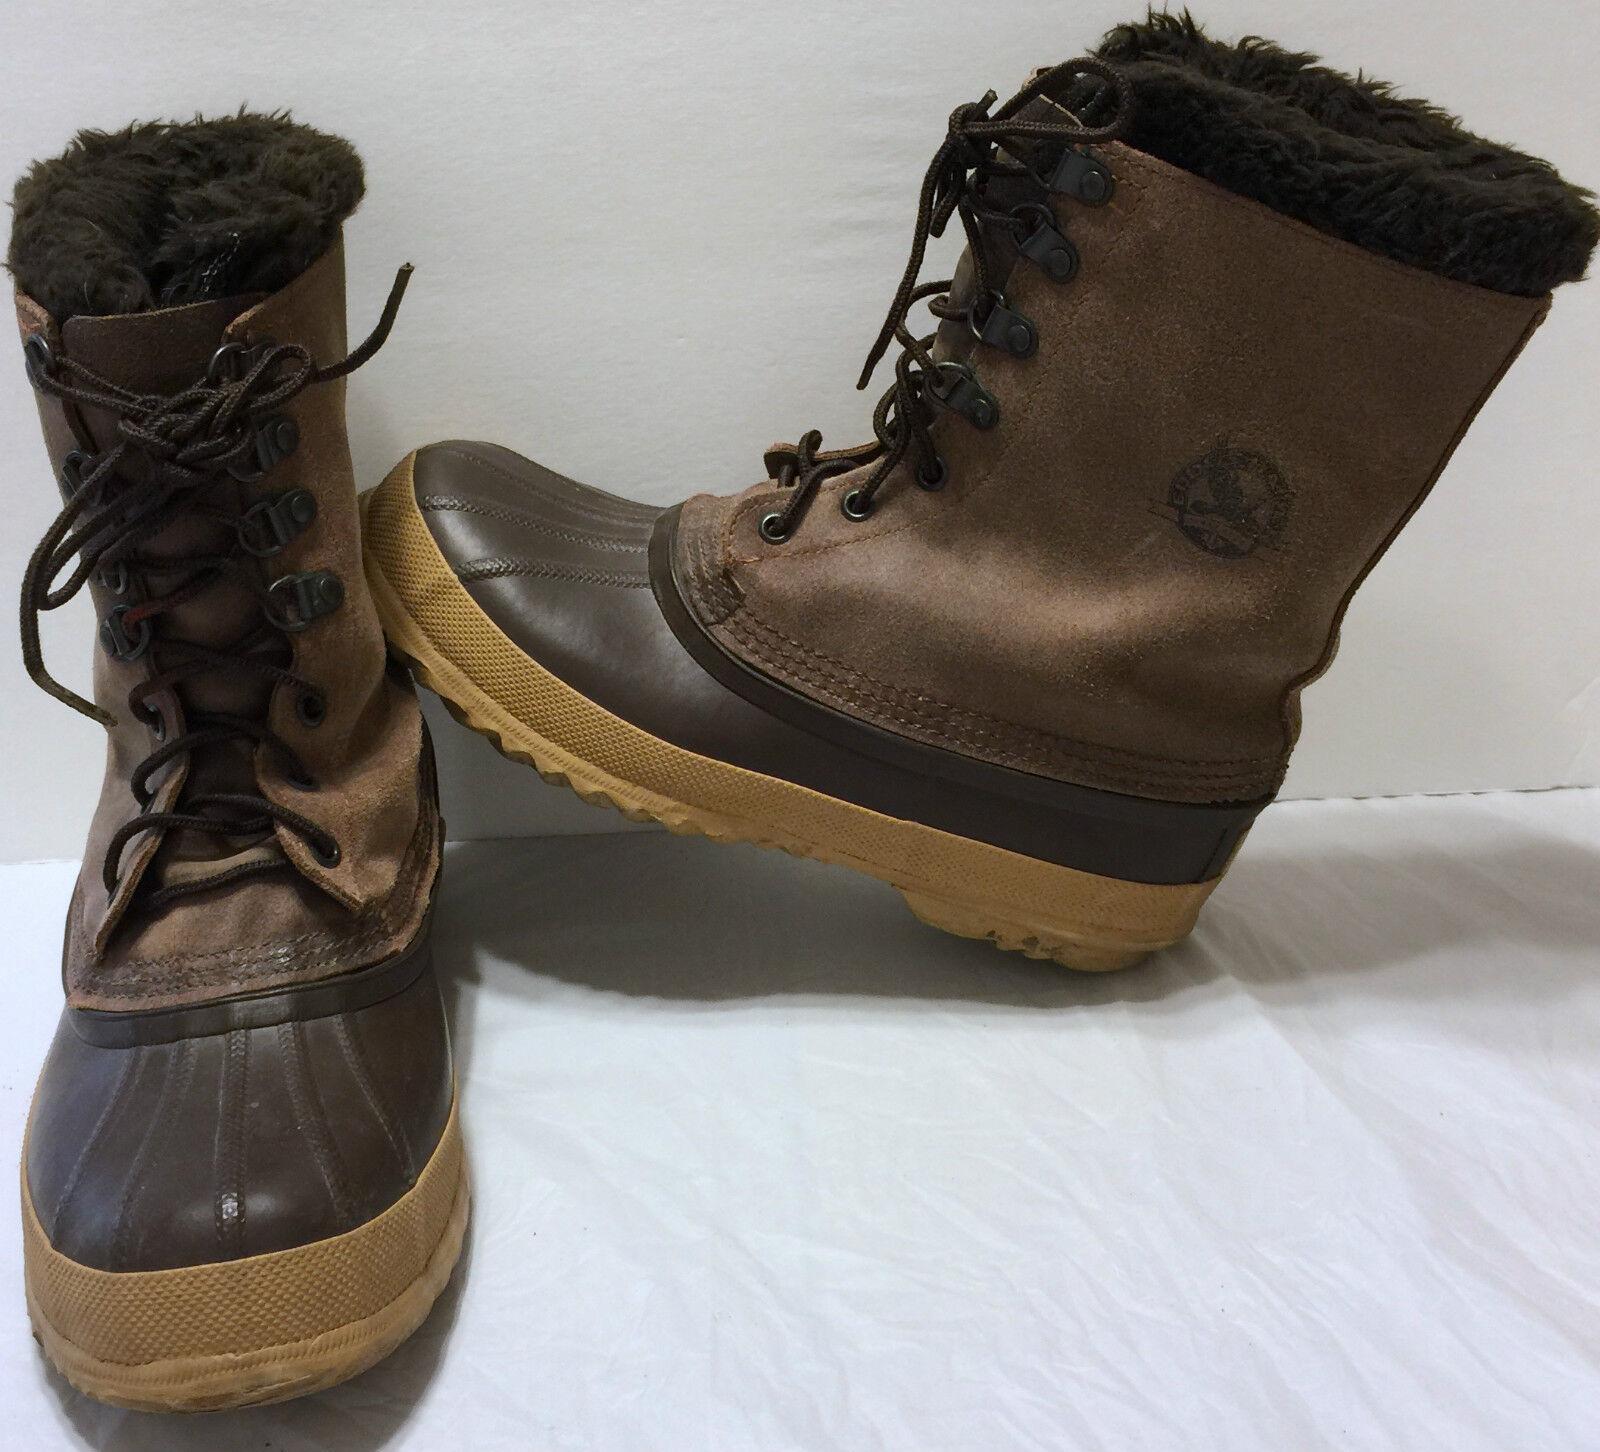 Sorel Dark Braun Eddie Bauer Insulated Stiefel Größe 8 Winter Snow Liner Warm k